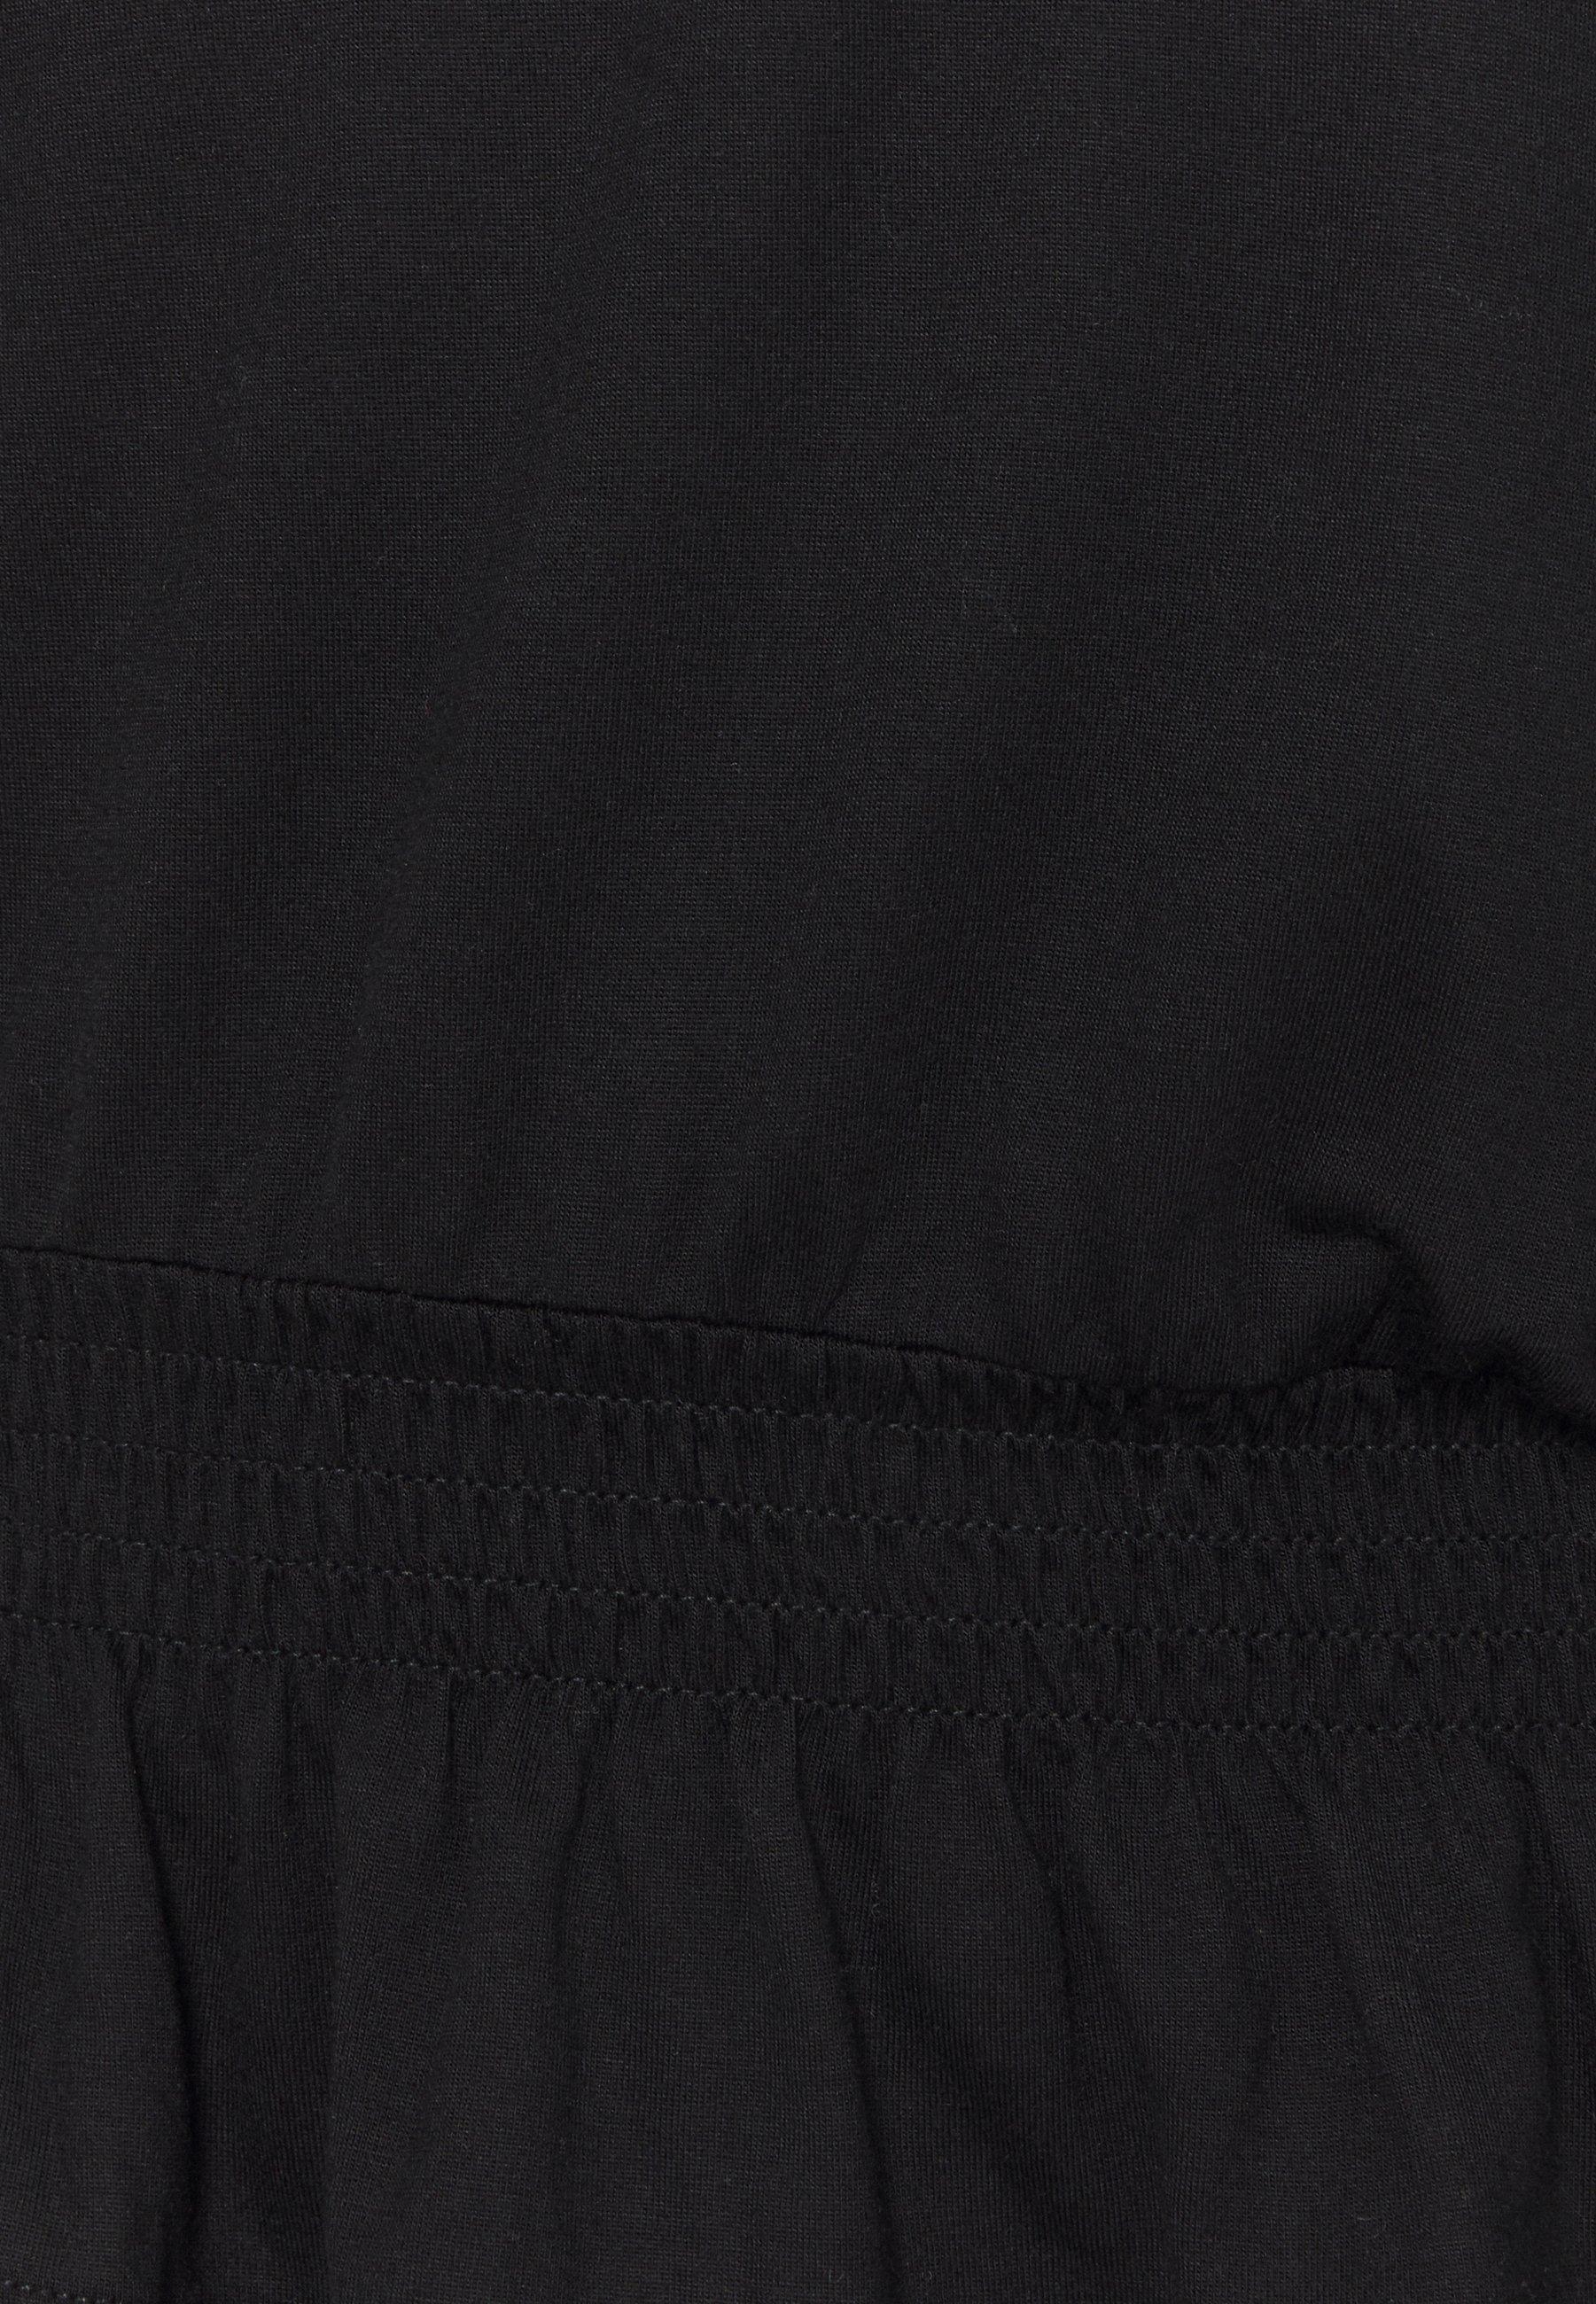 Lounge Nine Sialina Blouse - Bluser Pitch Black/svart